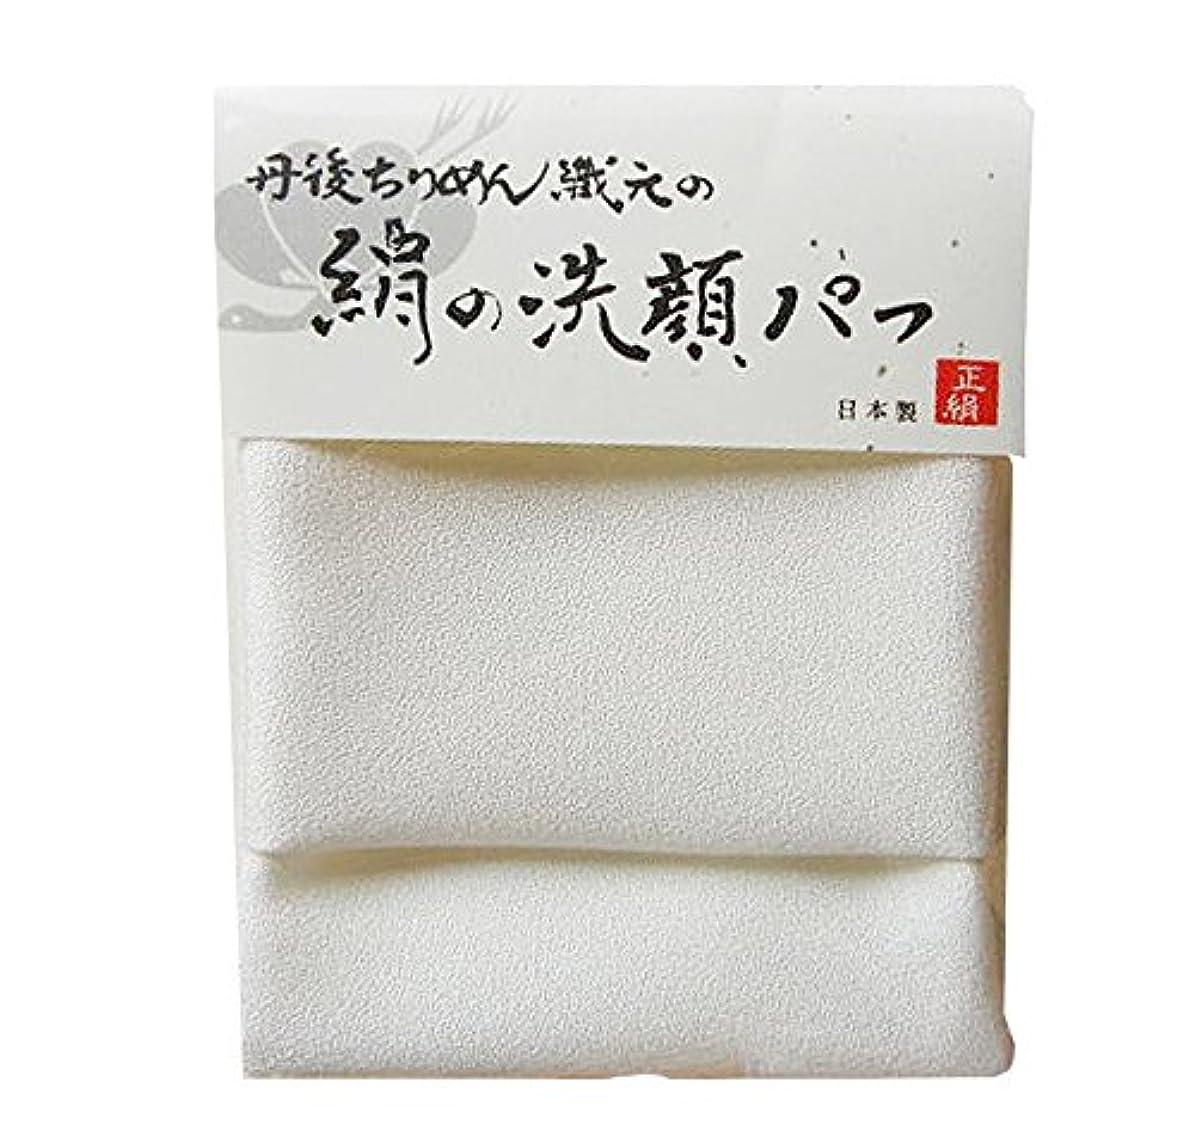 混乱した貫通する口ひげ【NHKイッピンで紹介!】丹後ちりめん織元の絹の洗顔パフ